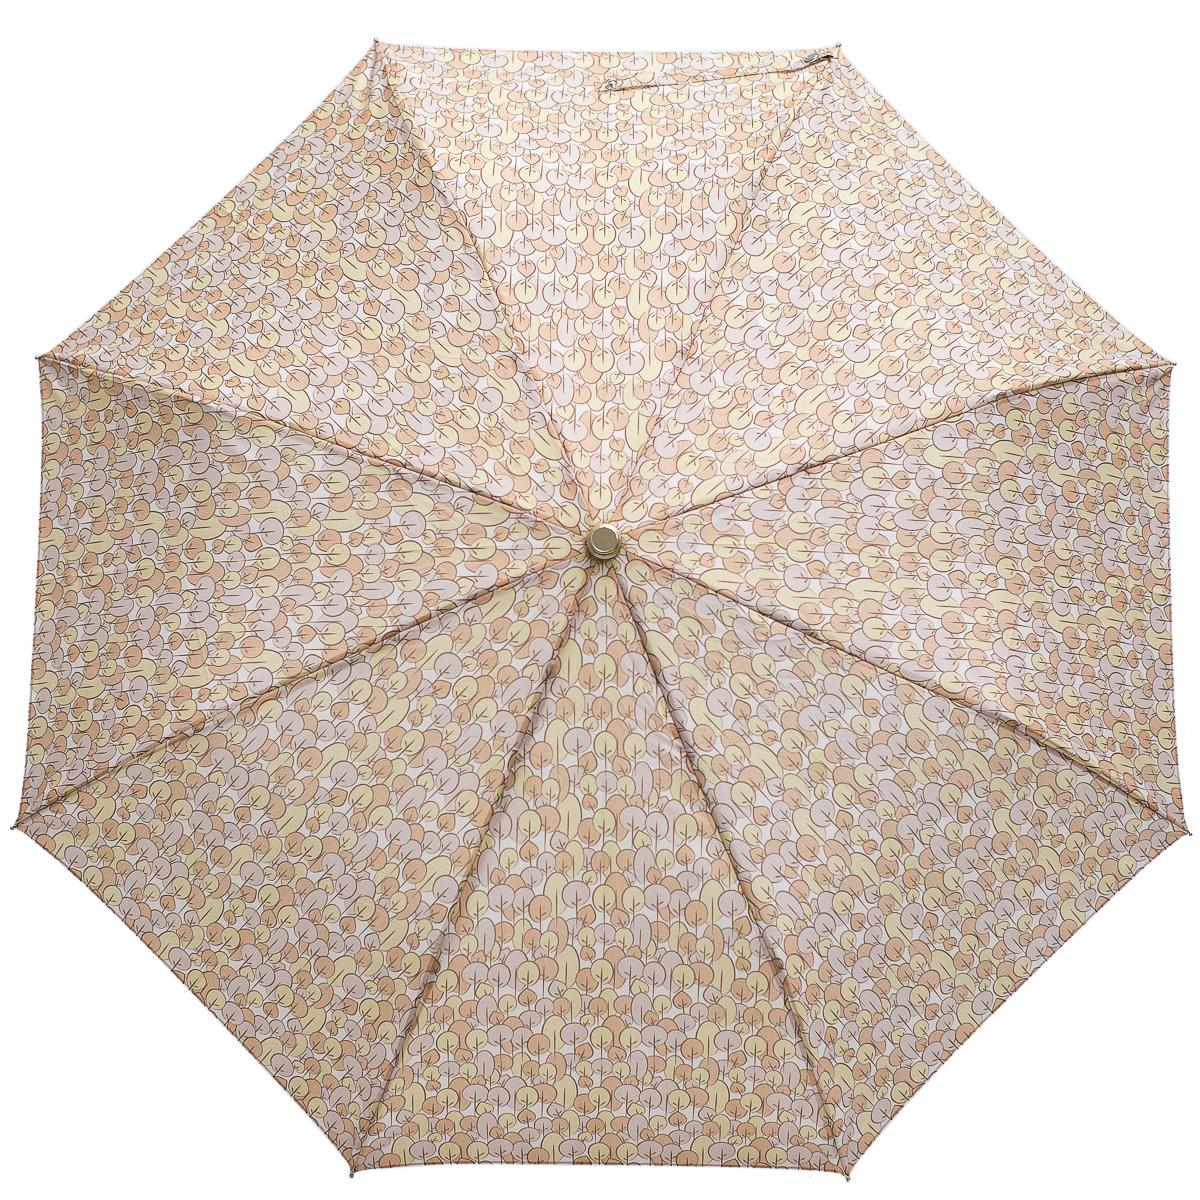 Зонт женский Stilla, цвет: желтый. 788/1 miniCX1516-50-10Облегченный женский зонтик. Конструкция 3 сложения, полный автомат, облегченная конструкция (вес - 320 гр), система антиветер. Ткань - полиэстер. Диаметр купола - 112 см по верхней части, 101 см по нижней. Длина в сложенном состоянии - 27 см.